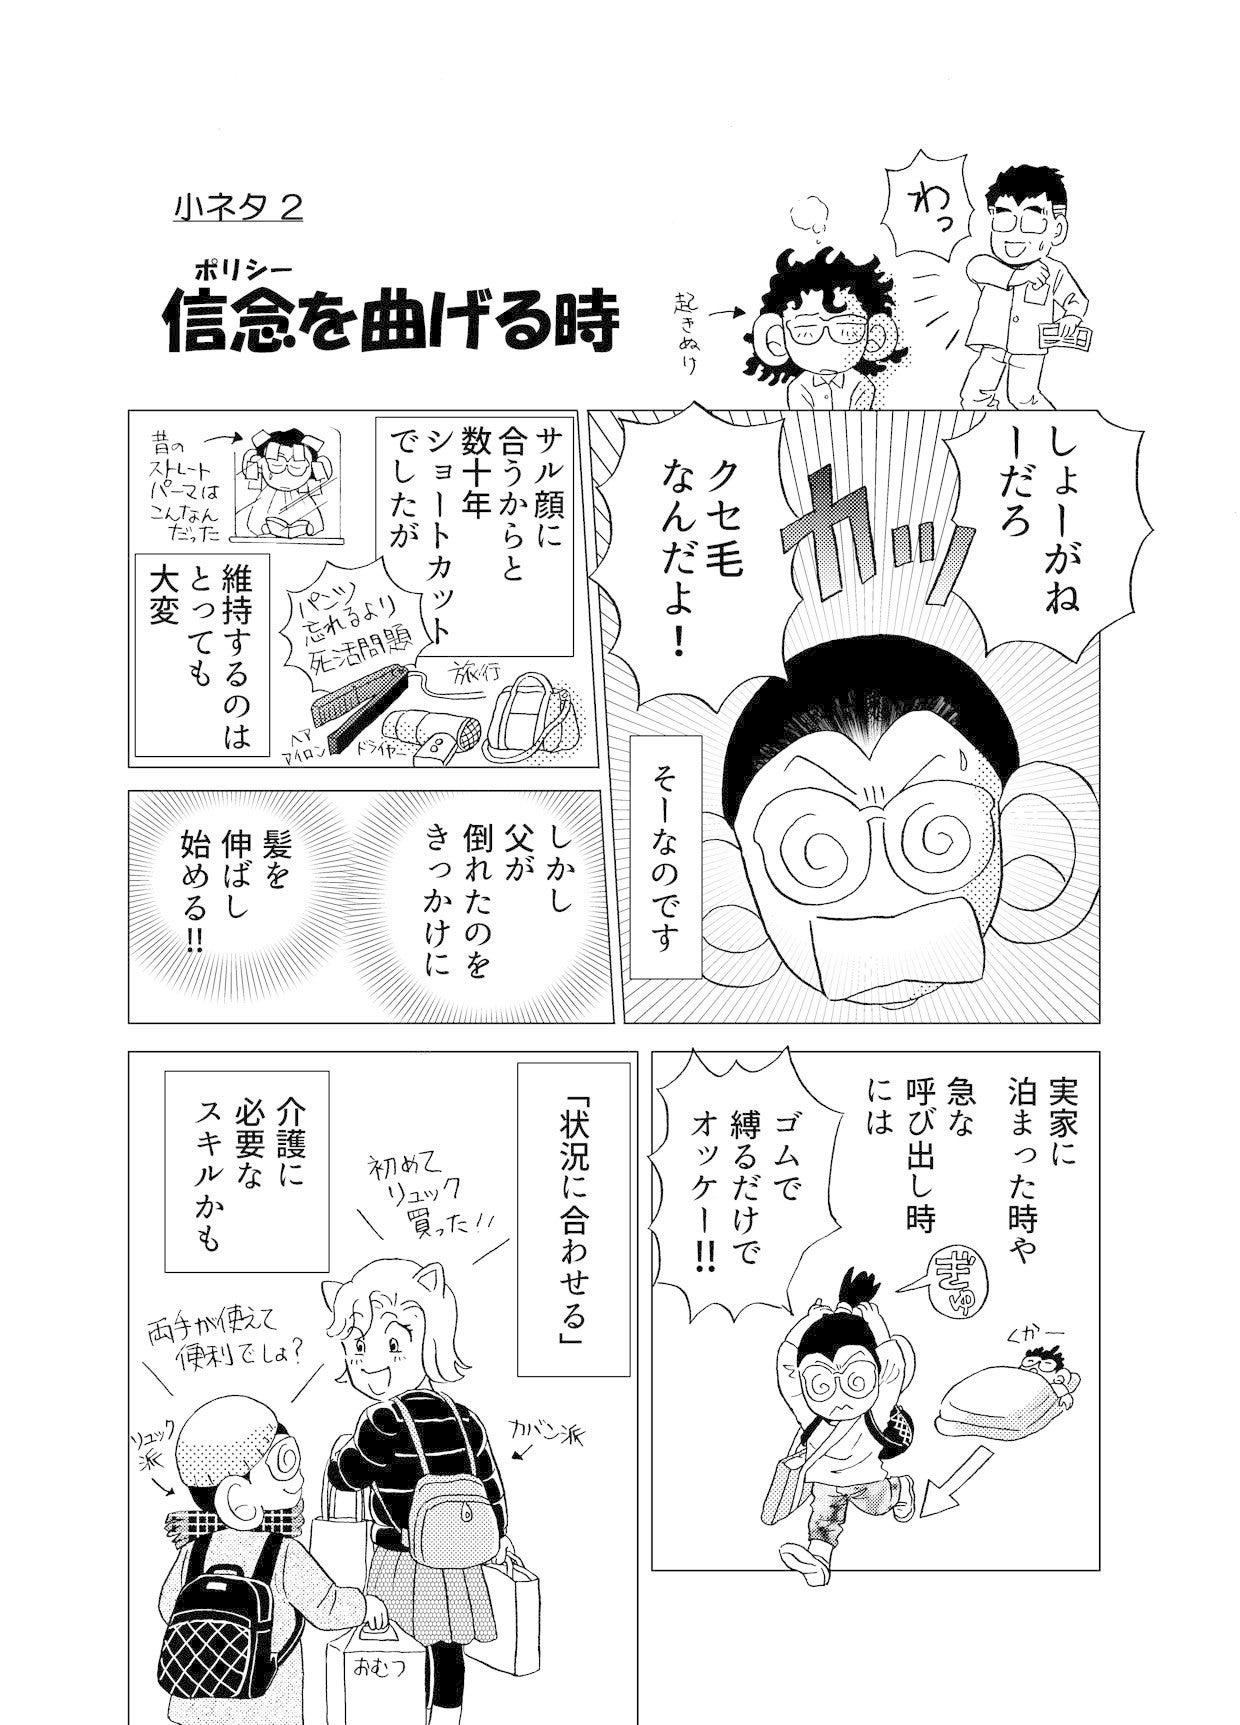 エピソードクセ毛_001